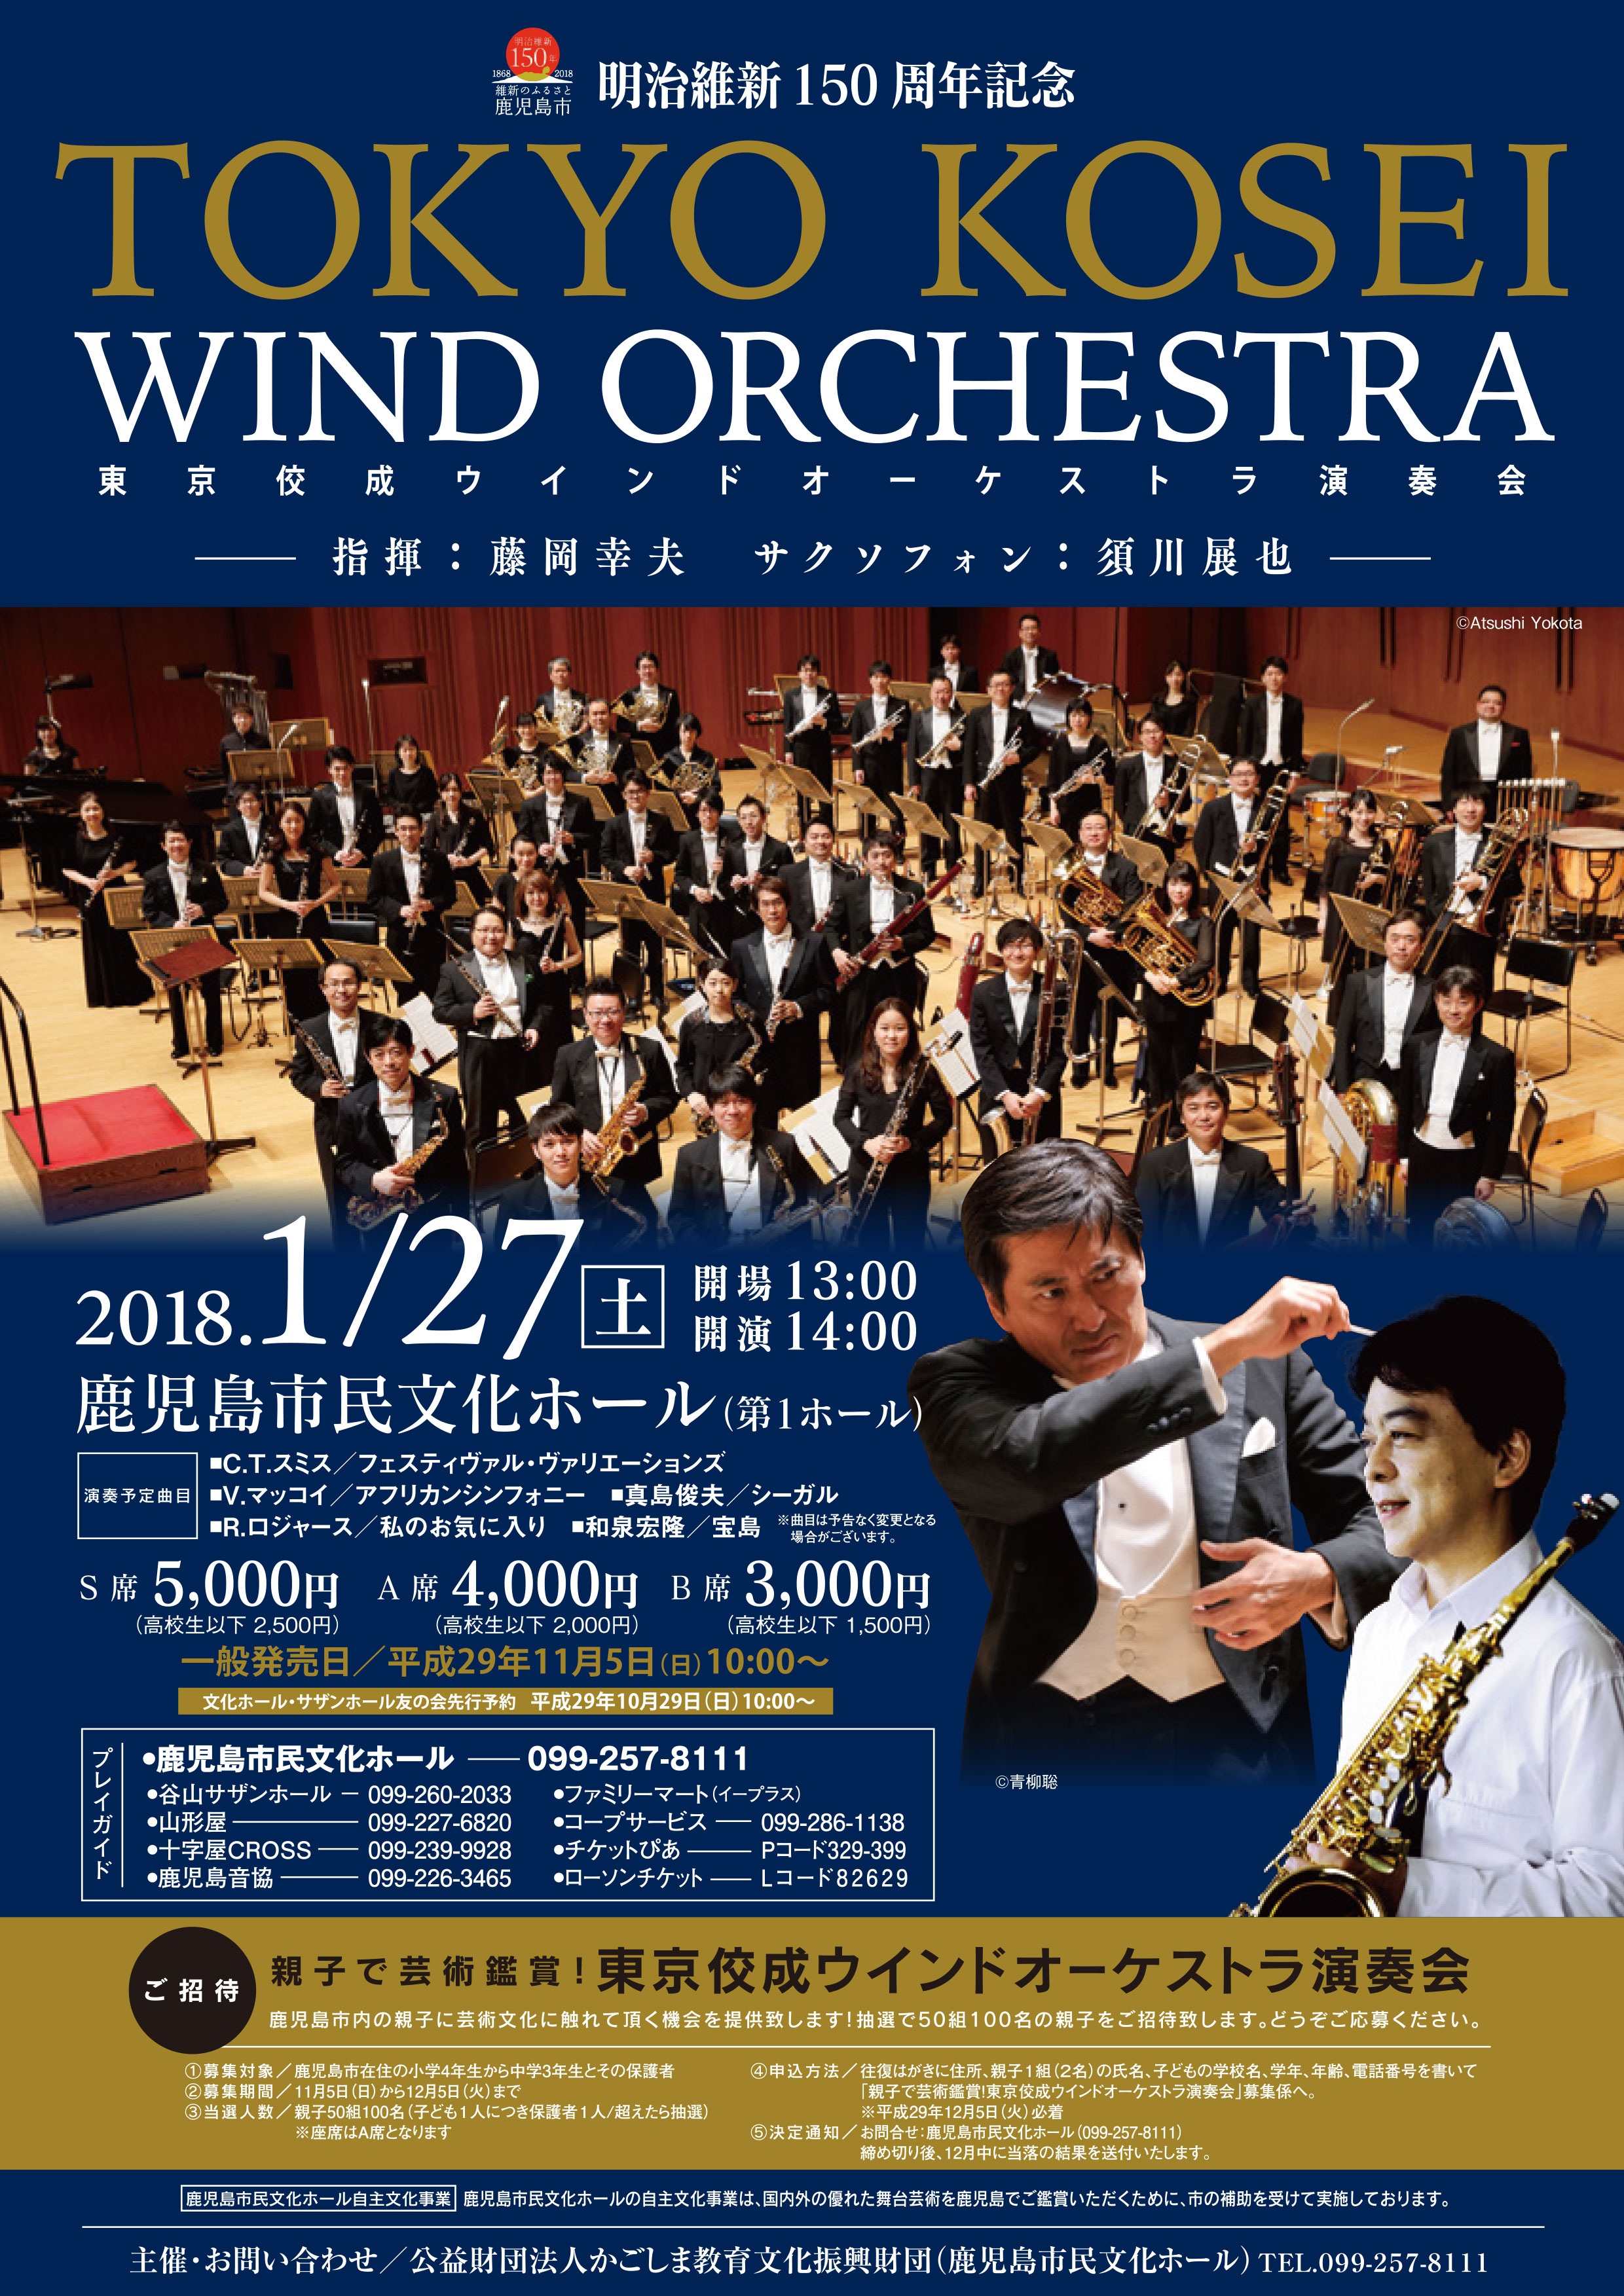 東京佼成ウインドオーケストラ<br>鹿児島公演(明治維新150周年記念)